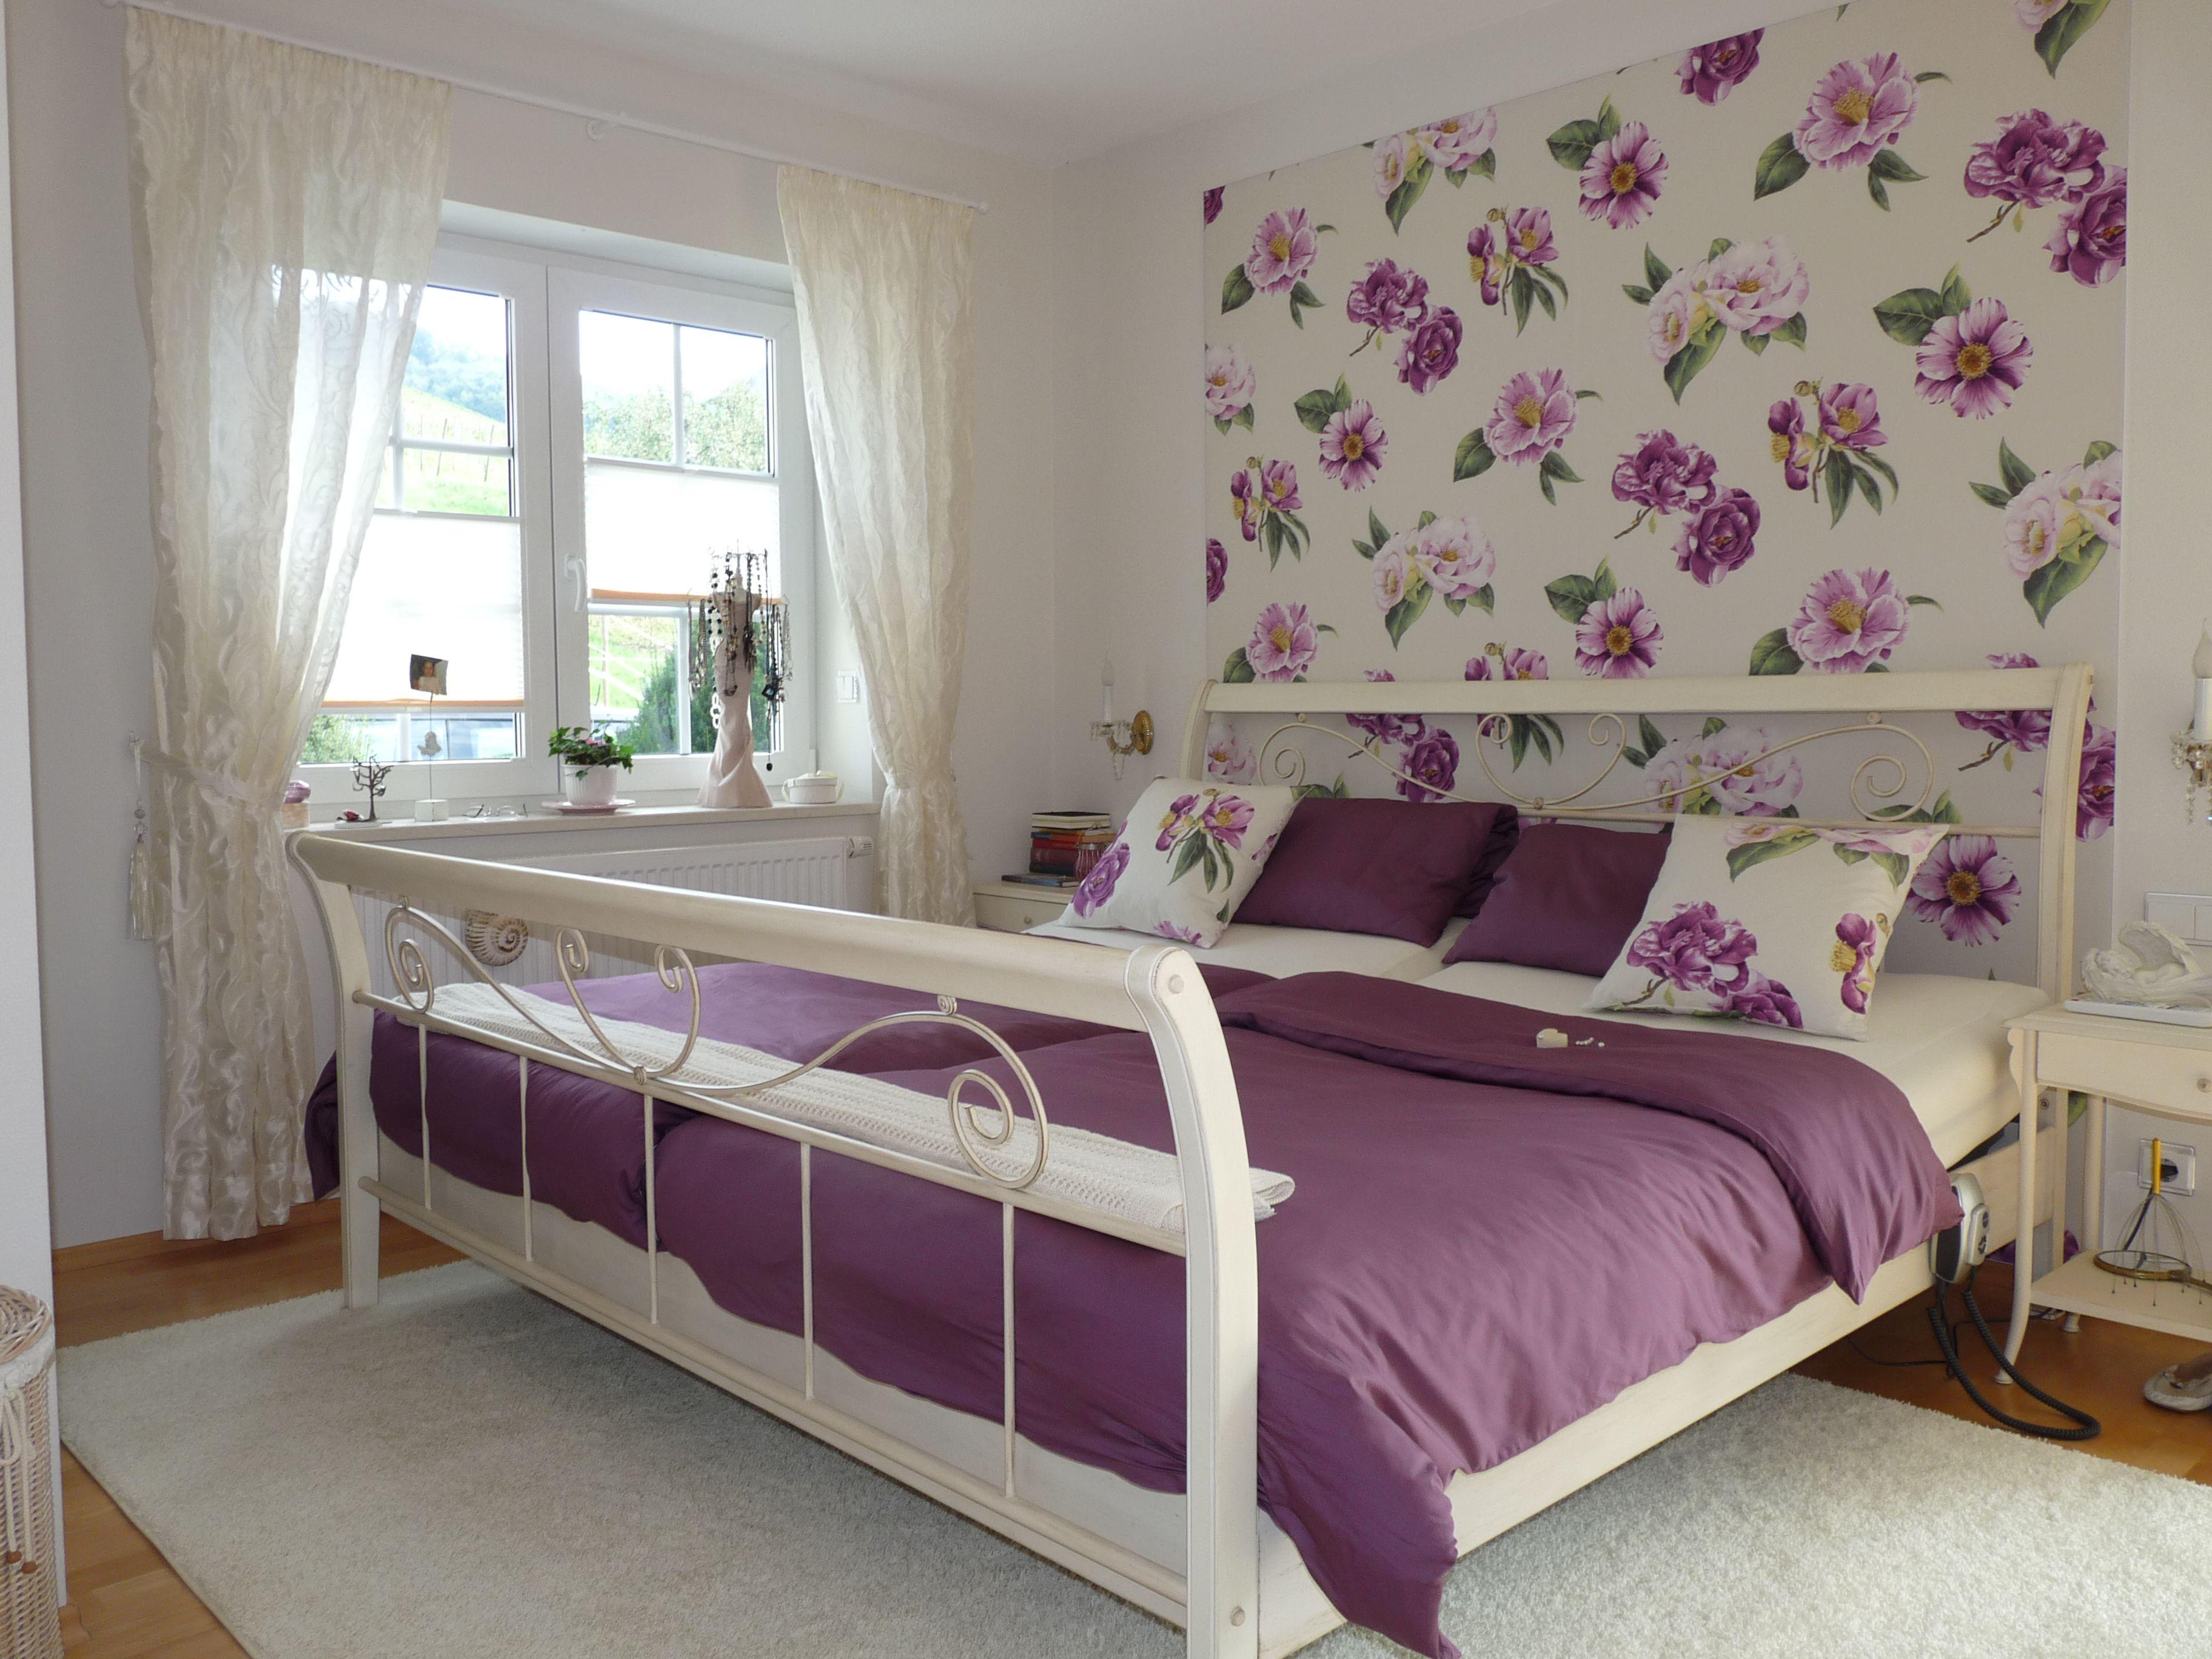 schlafzimmer neu gestaltet mit einer wandbespannung aus stoff hinter dem bett wandbespannung. Black Bedroom Furniture Sets. Home Design Ideas